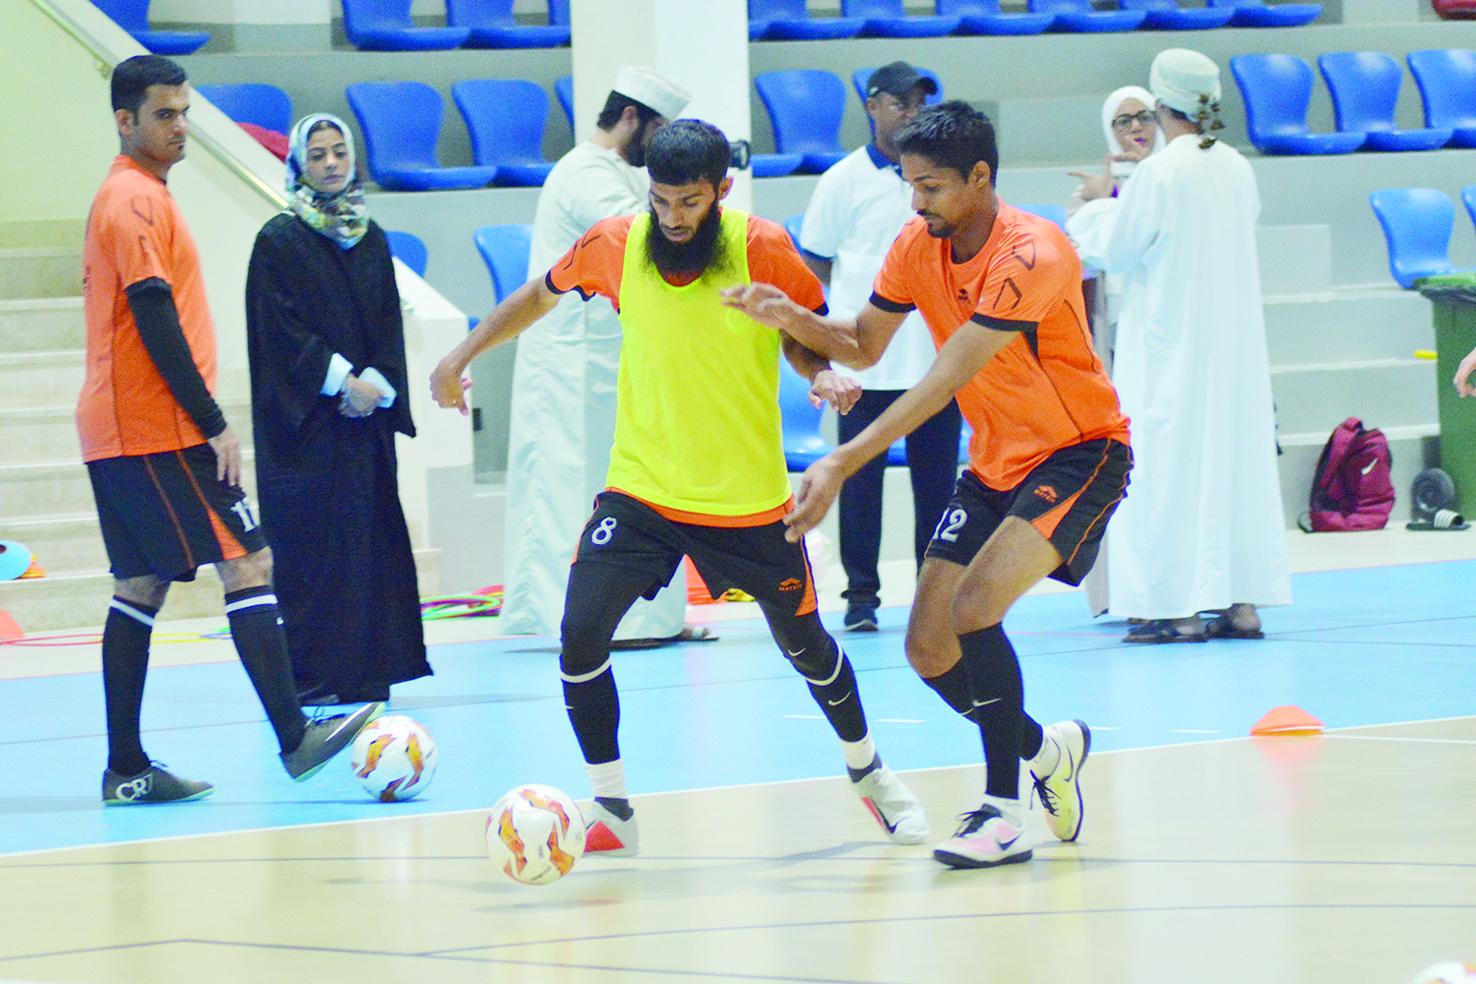 منتخبنا الوطني للصم يواصل تحضيراته للبطولة الخليجية